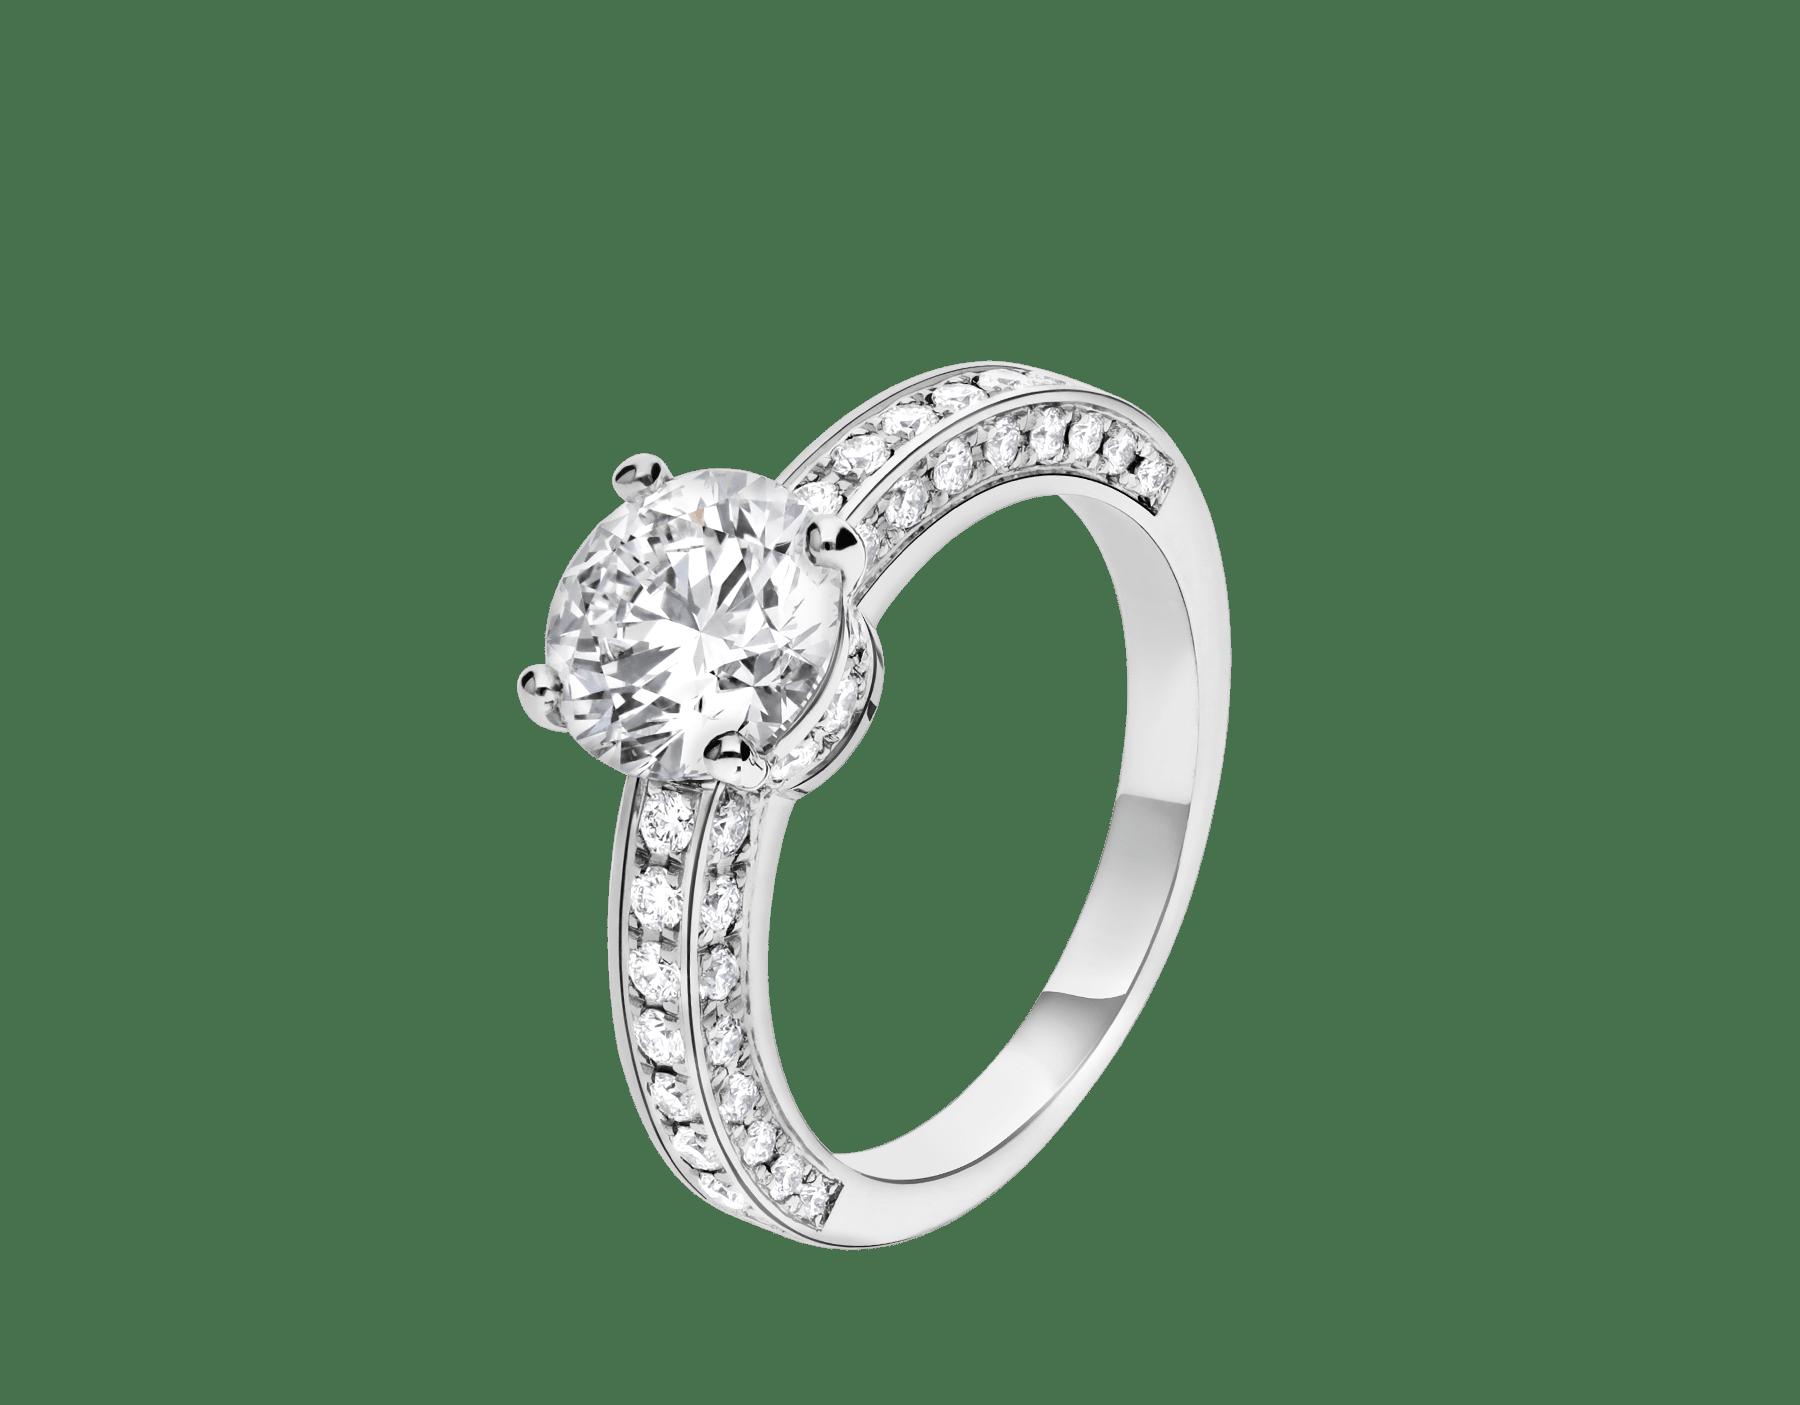 Dedicata a Venezia: solitaire1503 en platine serti d'un diamant rond taille brillant et pavé diamants 343367 image 1